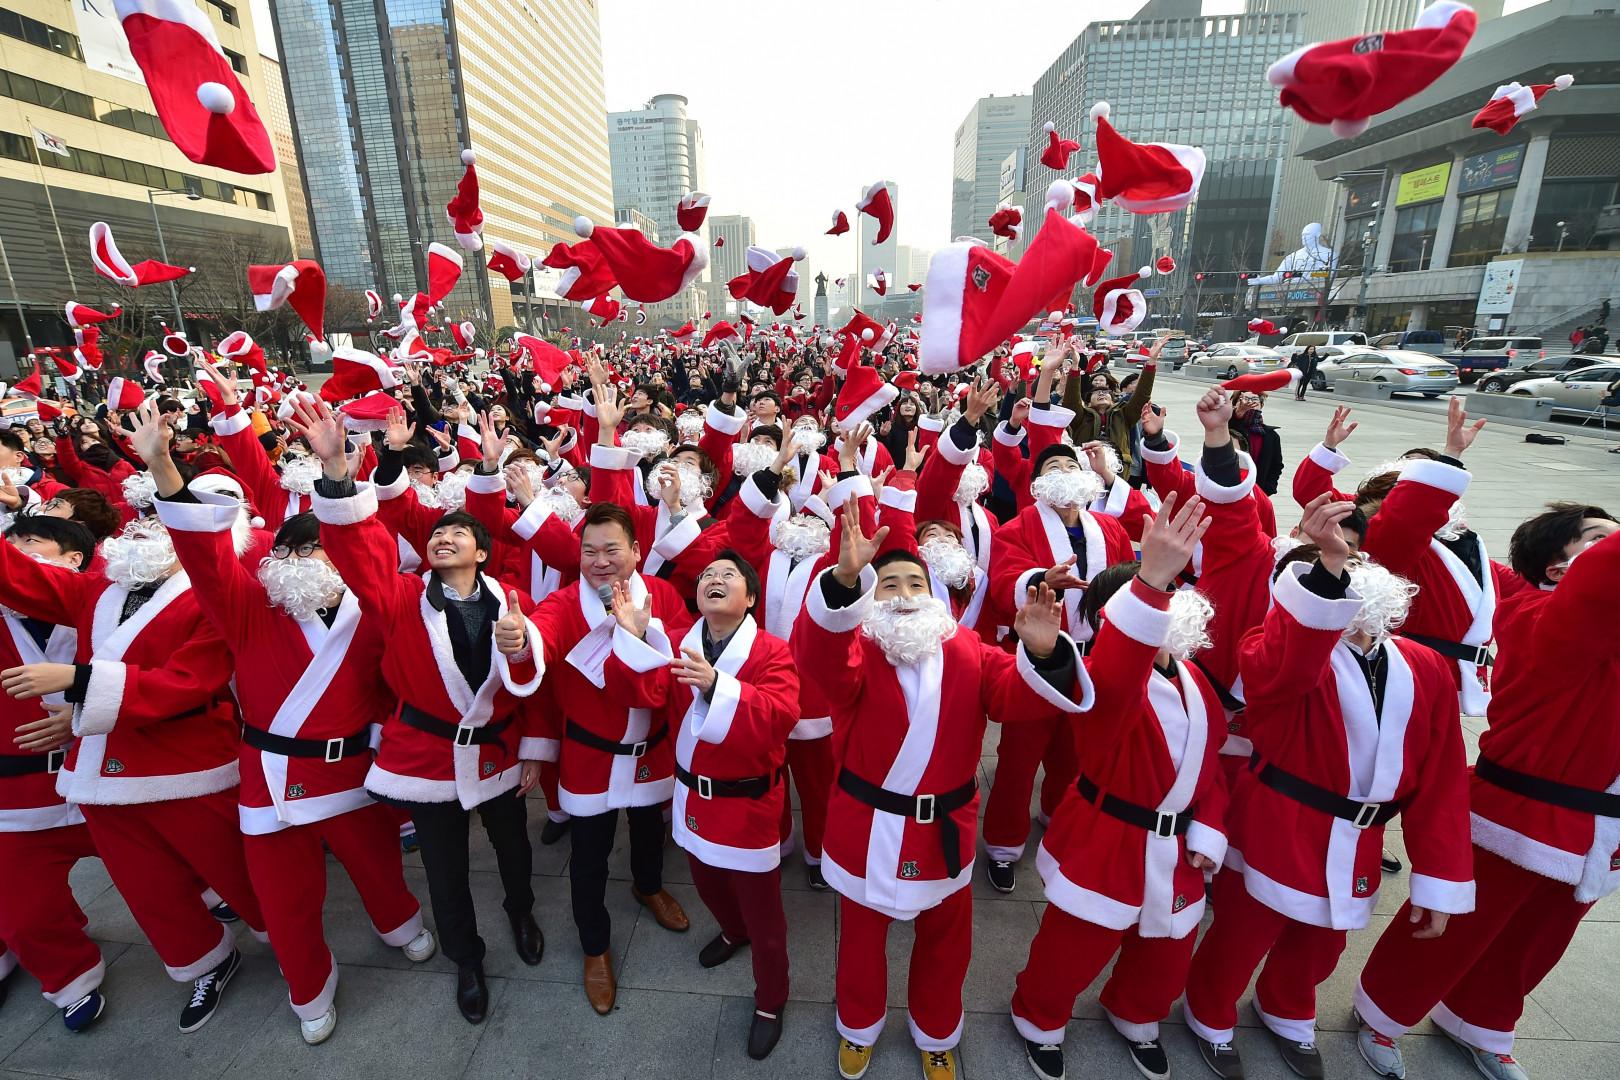 En Corée du Sud, un défilé pour une association a été organisé à Séoul